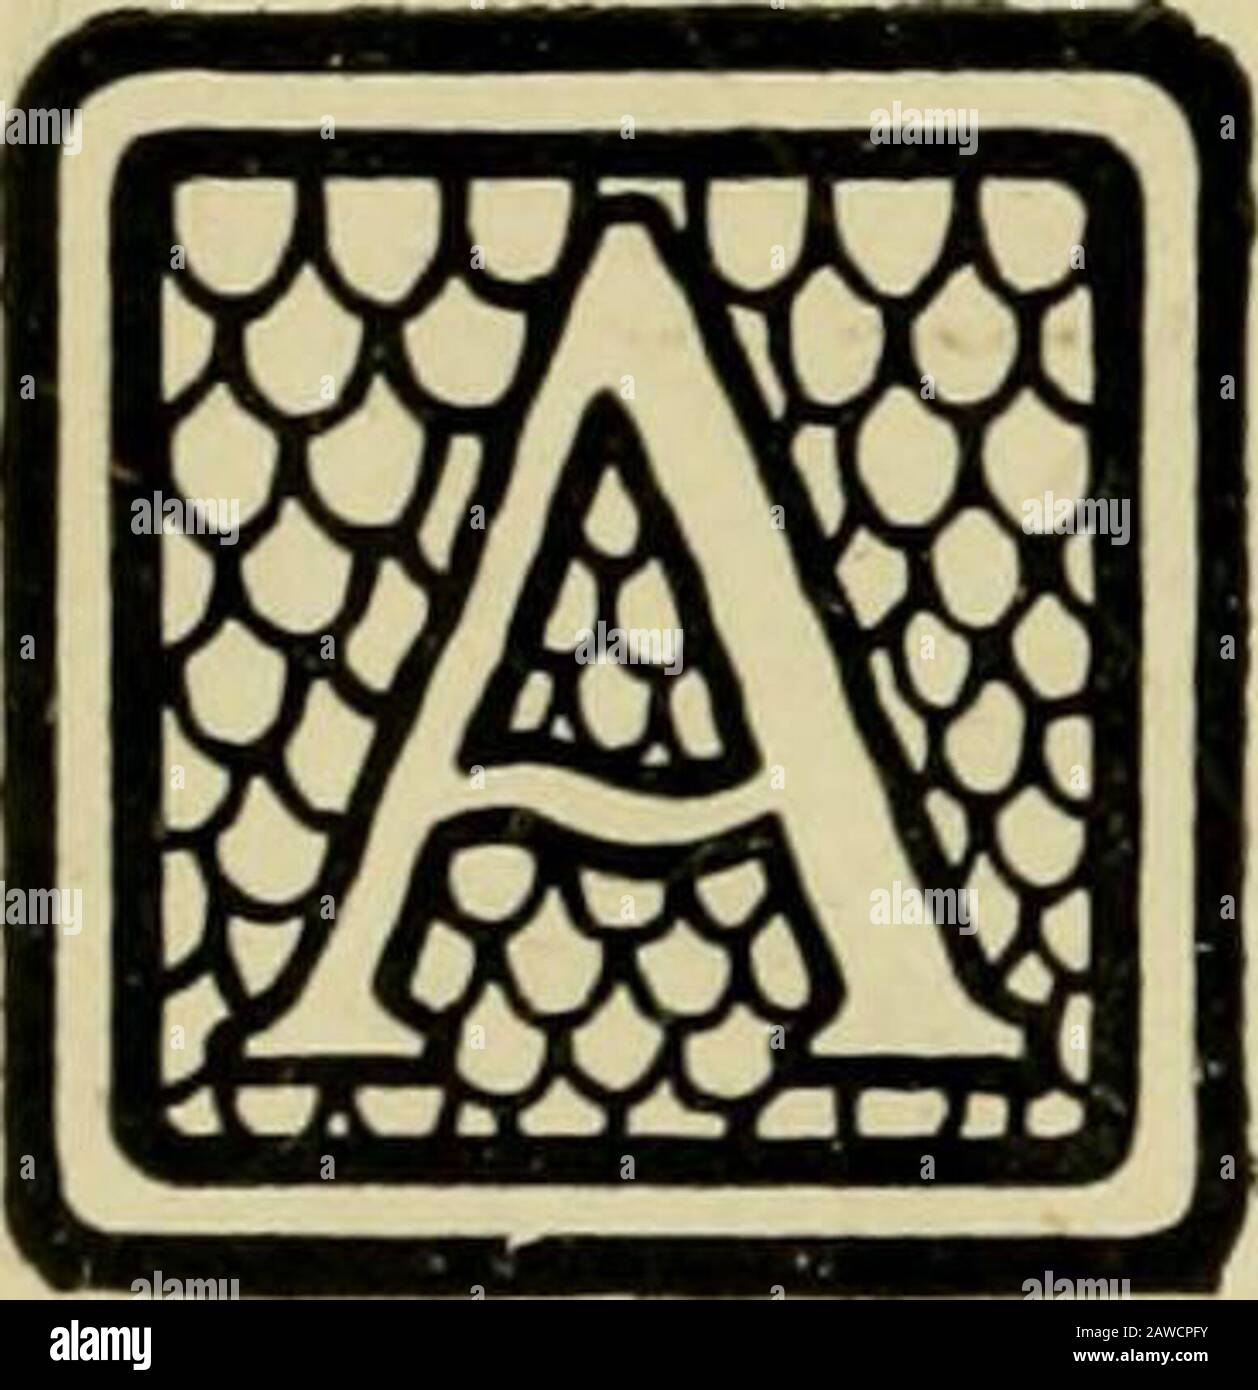 """Les fables d'Æ sop, sélectionnés, ont dit à nouveau et leur histoire a tracé . Copyright 1894 par Macmillan &• Co. M • »*••• 3 X •g —~ TJ 1. • ? WyJ /• •A ^»^ .X *•Xw. ^f» Ft//* •• • X jft • • • • u mm *^^*S • 1 si t# • 1 11 Mmk? M ^^^^^mW*m • % ^j ^^- *•? ^ ?ir^ - * ••*^T* * ^^mW* m^^mmmr» • •*• %^^^^^^^^^^^-*» »T 2^ • * J^mm^L* ,* * ^_ *•? 1.1 I ? •!! V/^x* • • Tift© Maam aidl ?••X ^. • f •:«*SZVy»:.*.;>s*Z^ J:v Viv ^^v*.•.••Vta—.^•""""v"""" • • ••X. x* • f **% [IB II ?* 1 i? ^ # / ? V ur ^r * •. COUNTRYMANS, fils de l'accumi-dent, a fait une queue de Serpents, qui l'a tourné et l'a mortellement détesté est mort. Le fa Banque D'Images"""